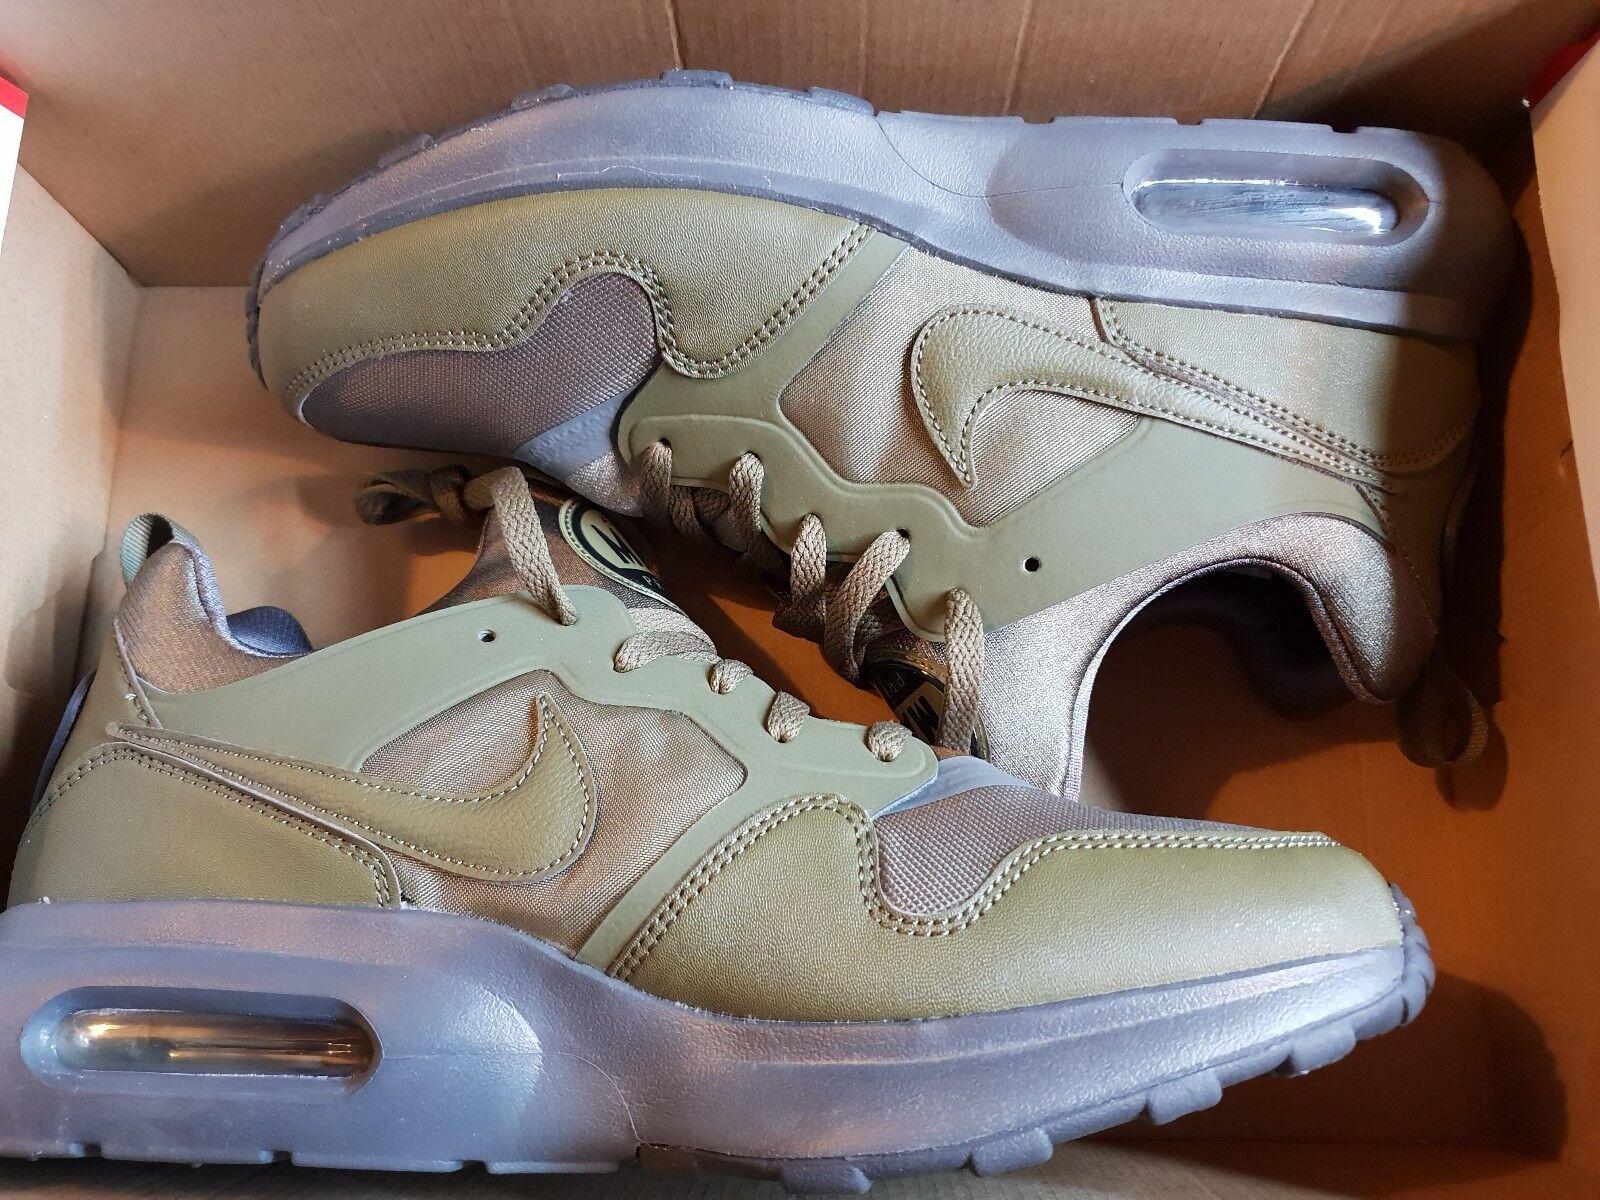 Nike Air Max Prime medio Oliva Tamaño 10 Nuevo Reino Unido Nuevo 10 Y En Caja Genuinos Auténticos Zapatillas para hombre 37be25